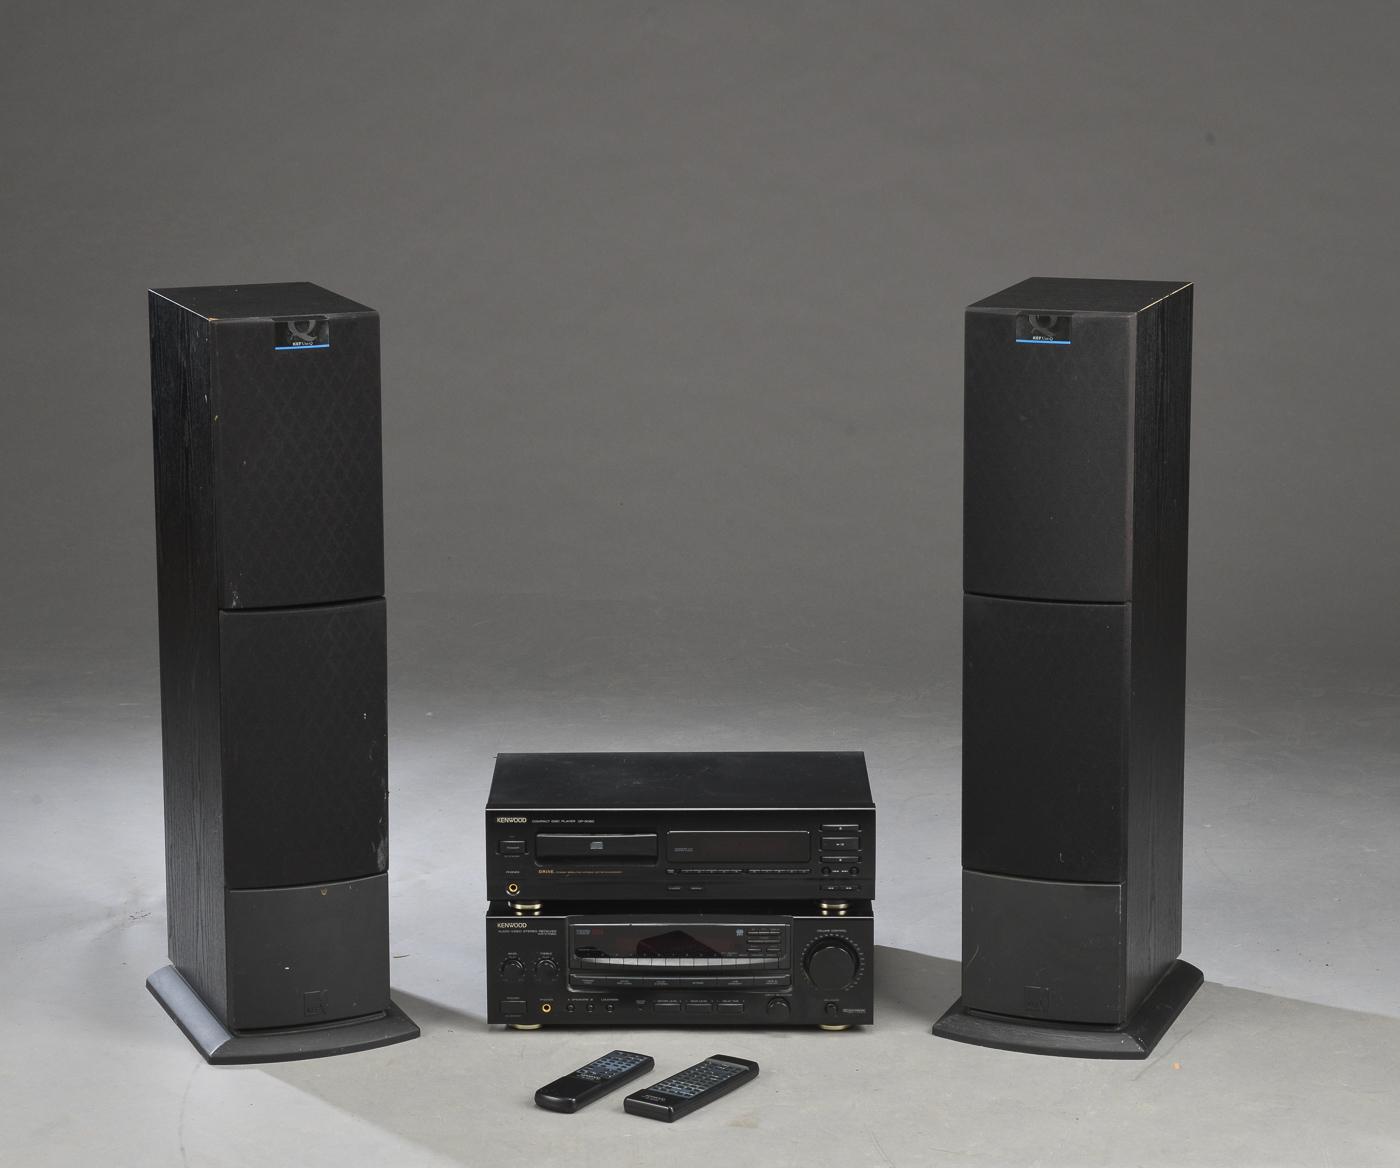 Kenwood musikanlæg - Kenwood. Musikanlæg, bestående af CD-afspiller DP-5060, Tuner KR-V7060 samt to højtalere, model KEF Q50. Brugsspor. Virker jf. rekvirent. Lauritz.com indestår ikke for funktionaliteten